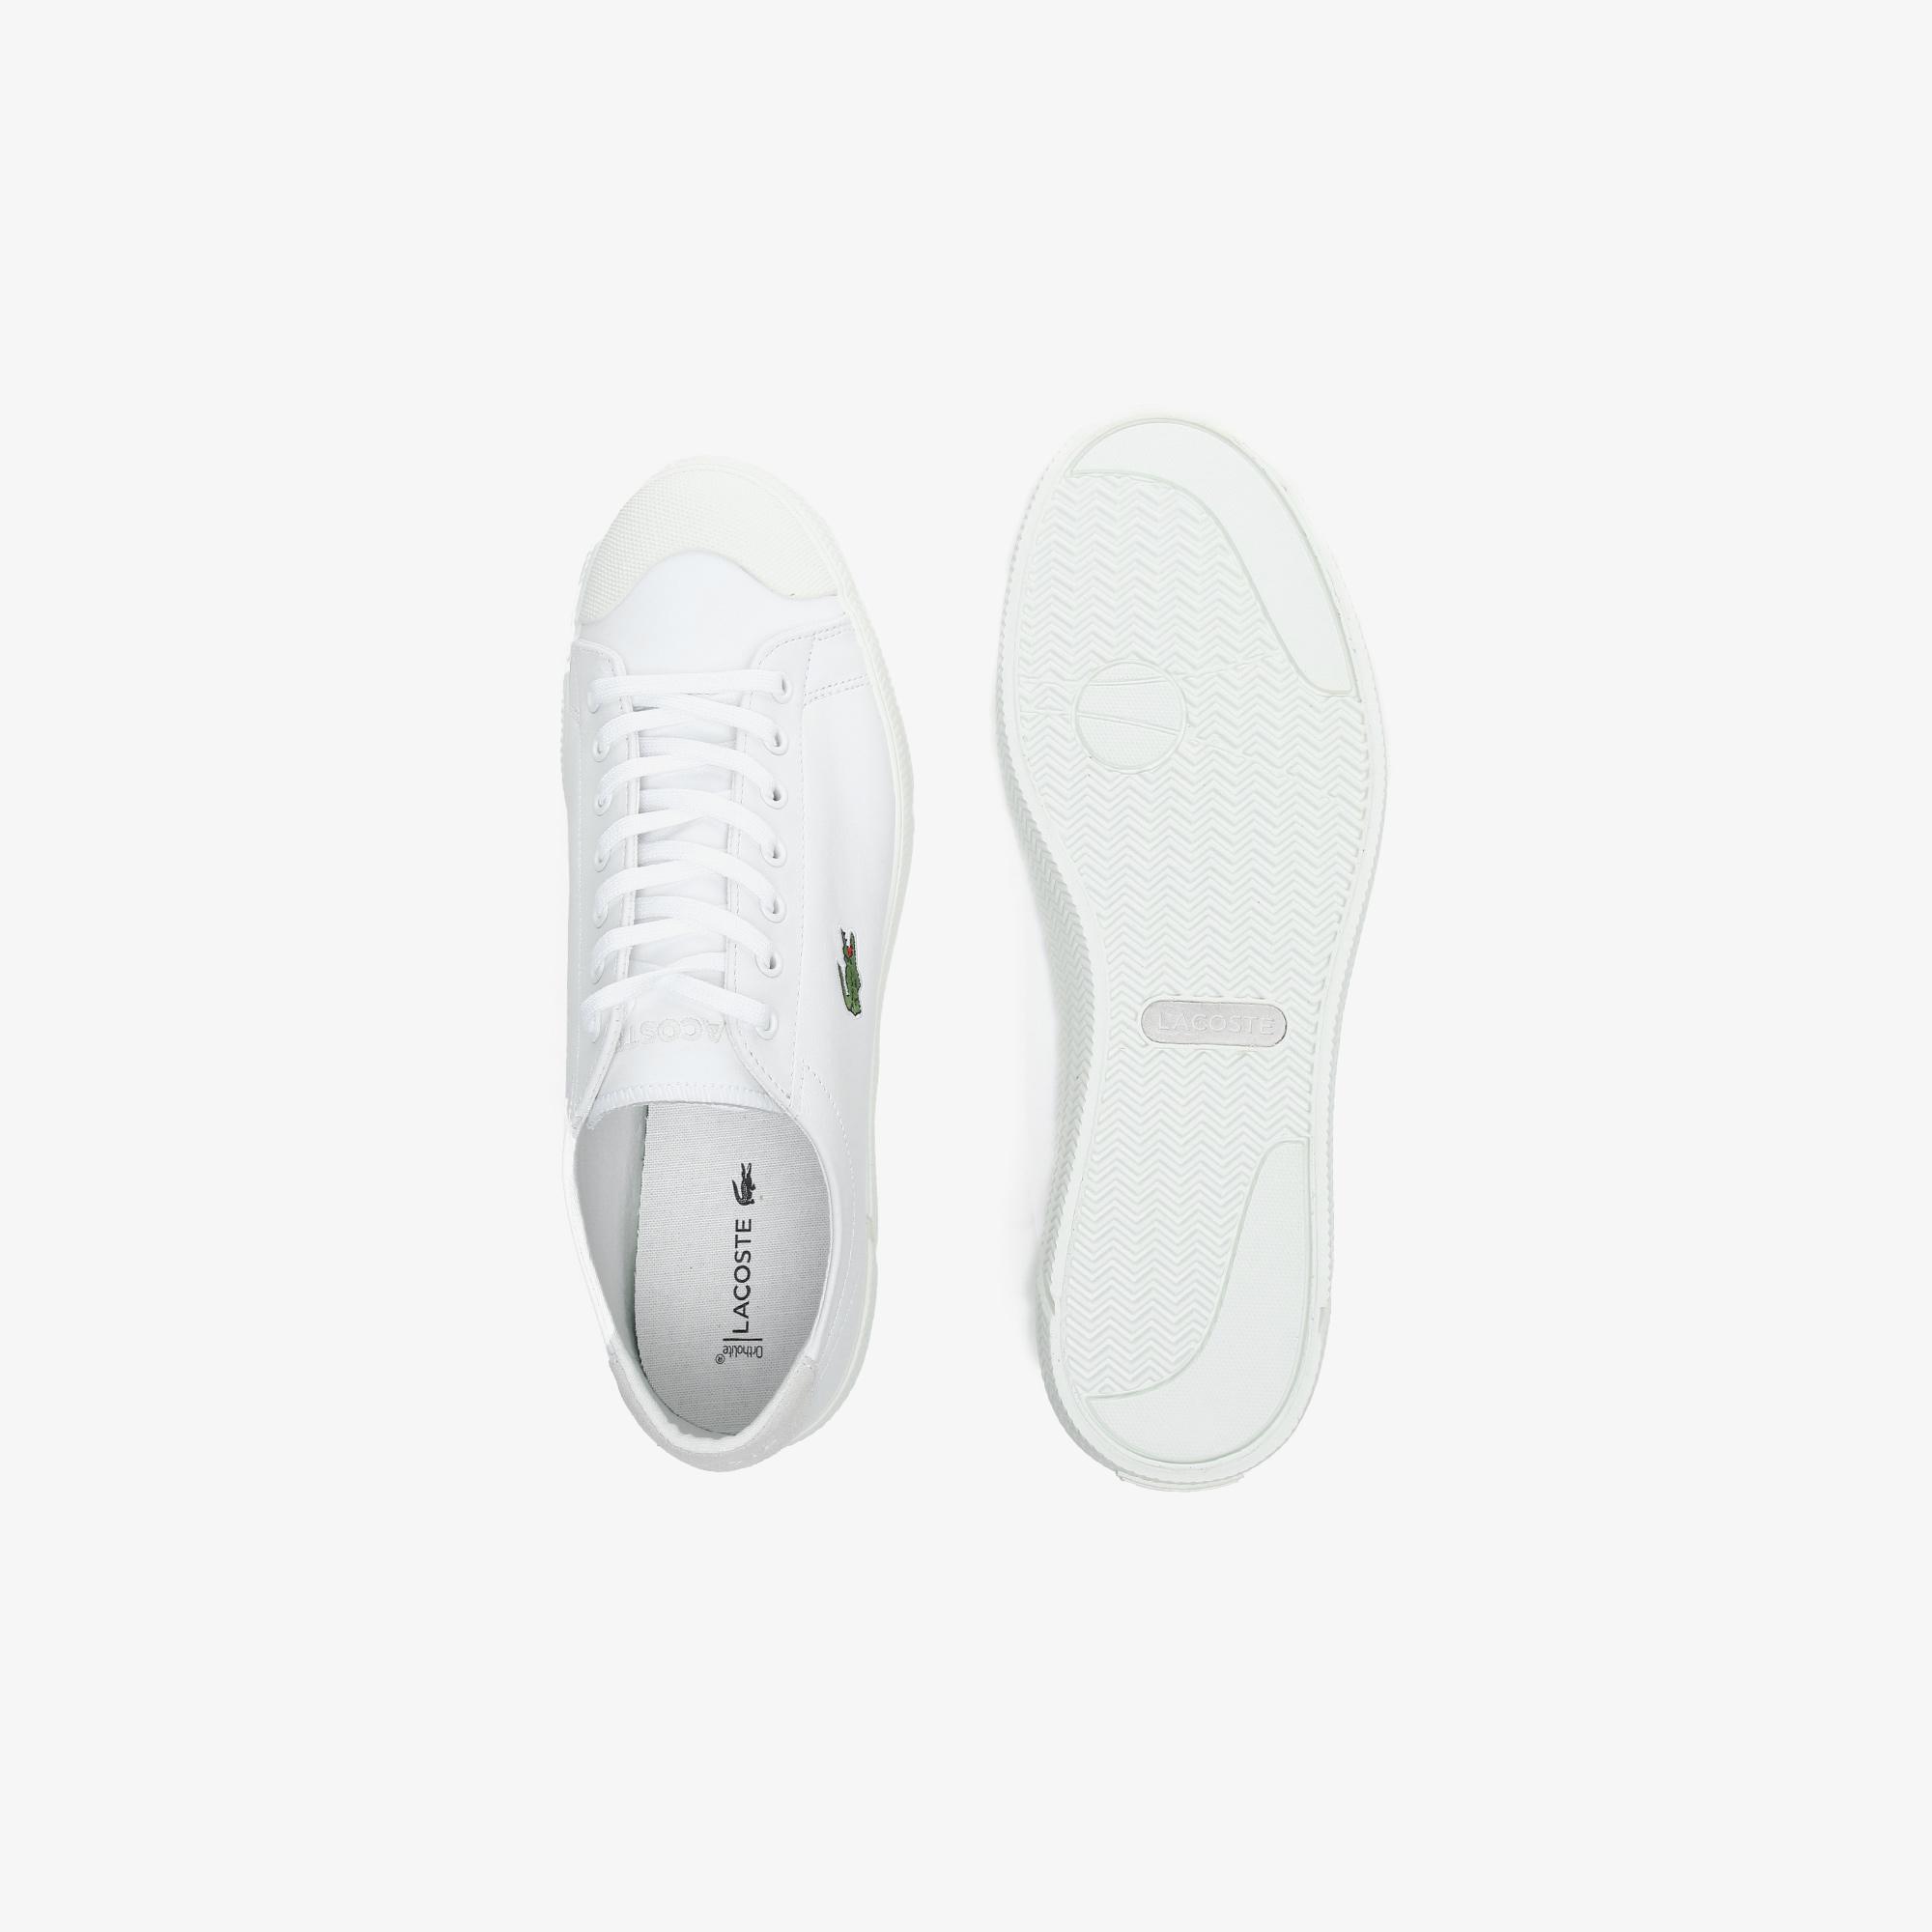 Lacoste Men's Grıpshot 0721 1 Cma Shoes